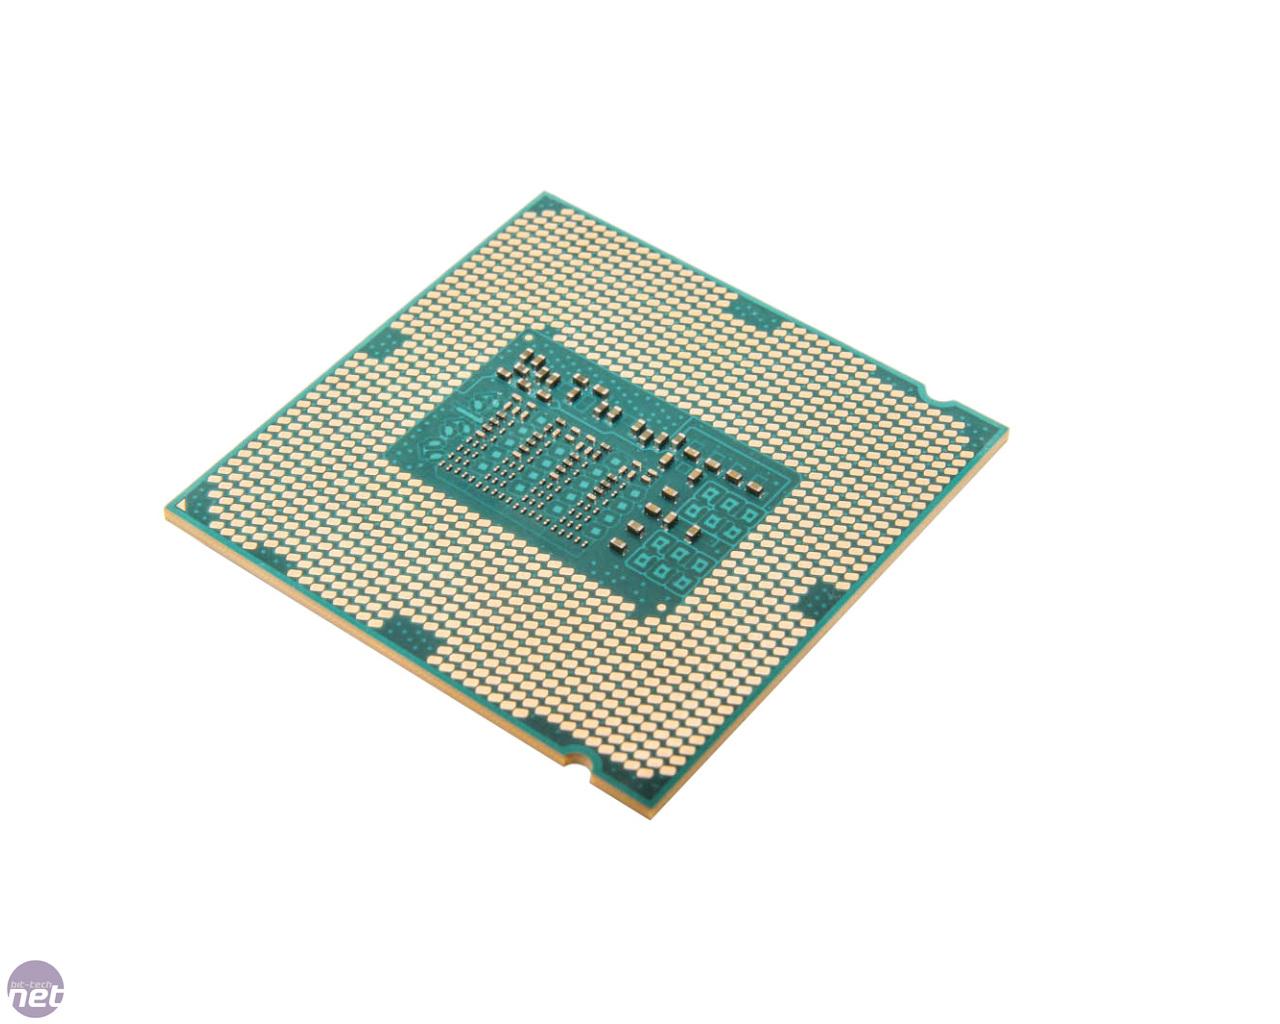 Intel Core I5 4690k Devil S Canyon Review Bit Tech Net